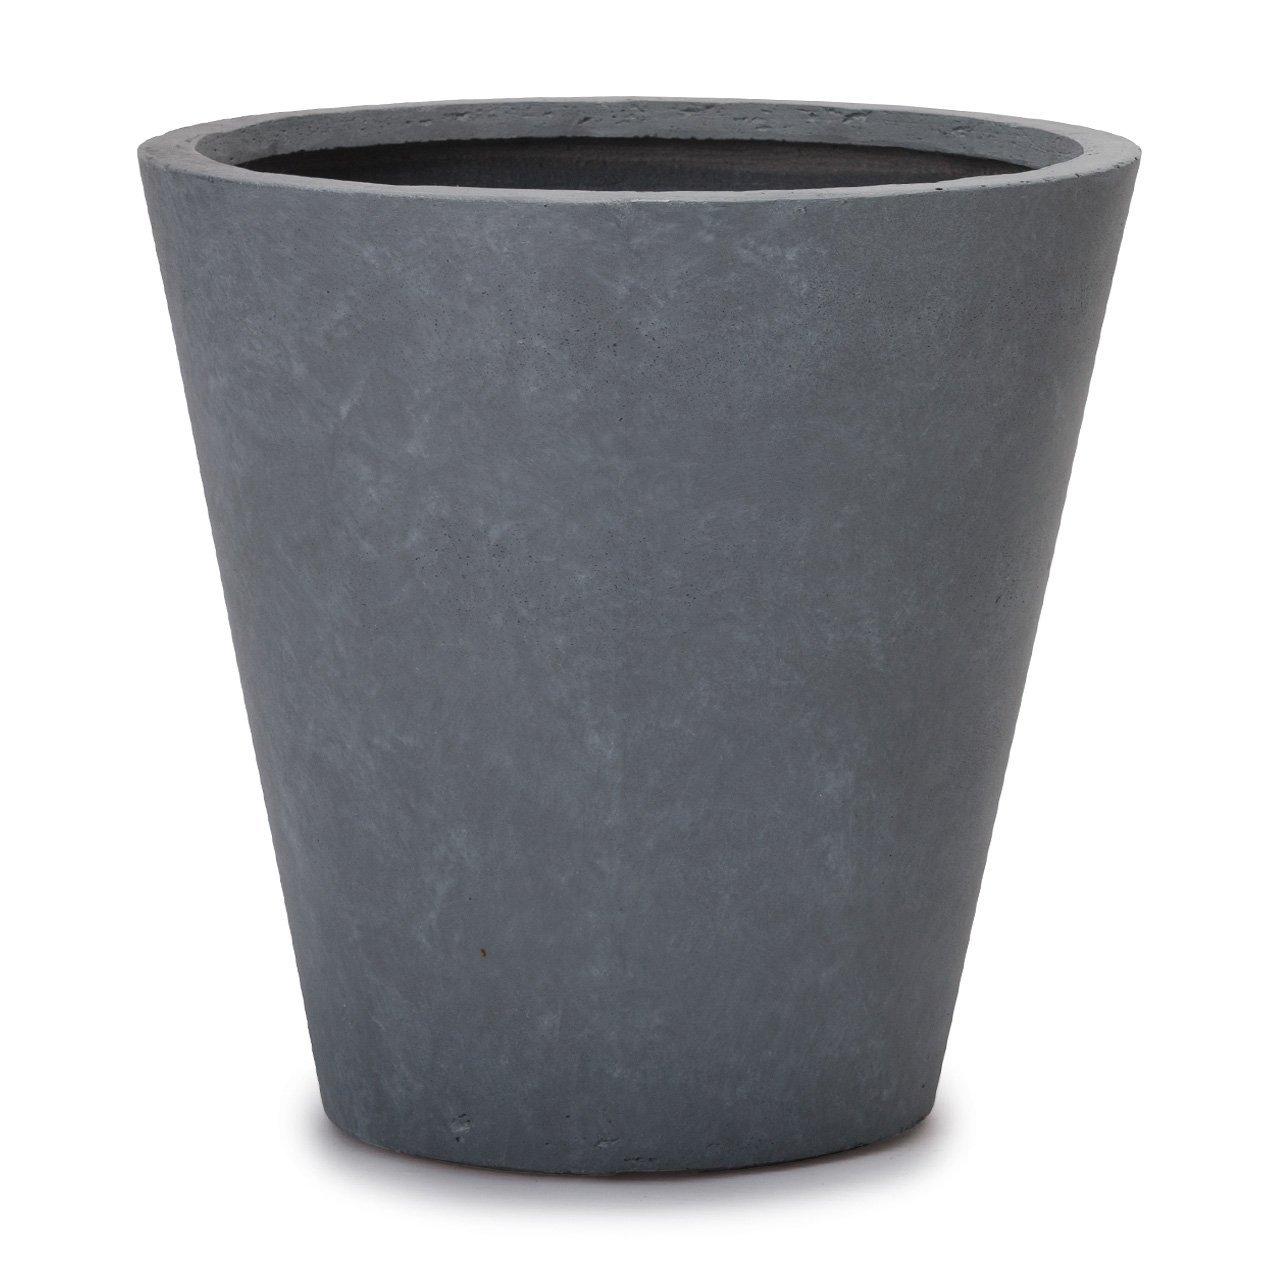 植木鉢 大型 ファイバークレイプロ イタ コニックプランター 50 グレー B01FCVRVXK 50|グレー グレー 50